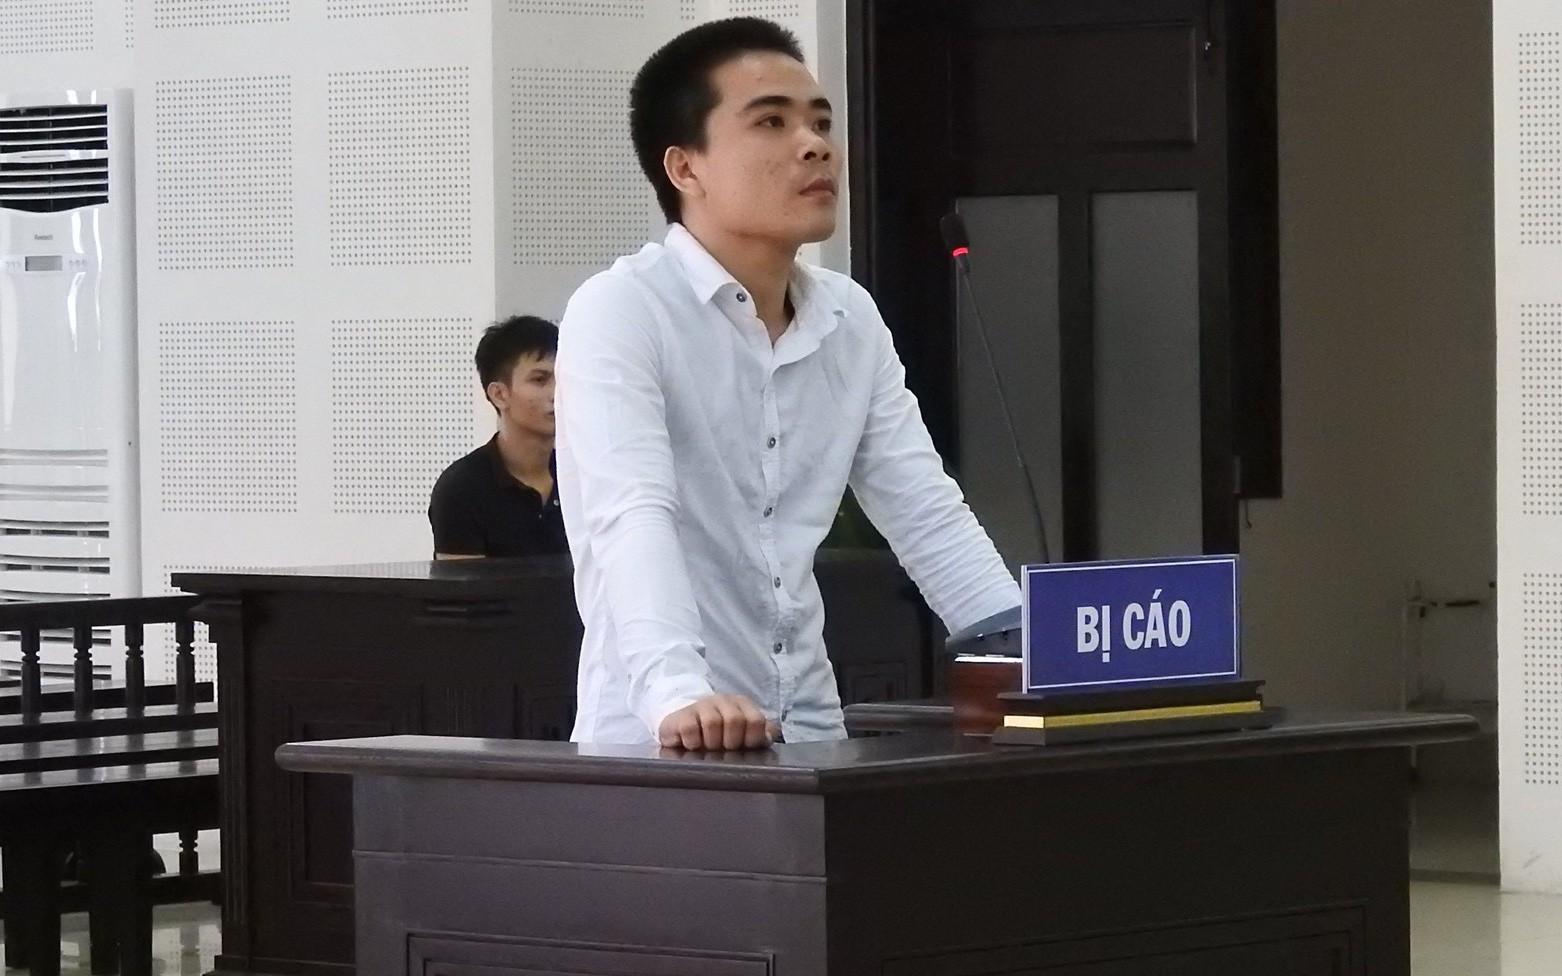 """Phiên tòa """"đặc biệt"""" ở Đà Nẵng: Cả bị cáo và nạn nhân đều đến tòa bằng xe chở tội phạm giết người"""